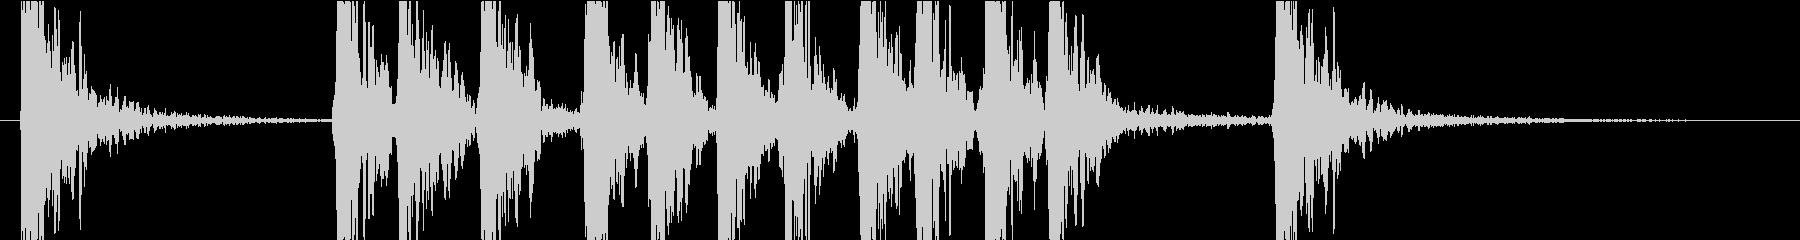 パンチ音 物を叩く ドスッの未再生の波形